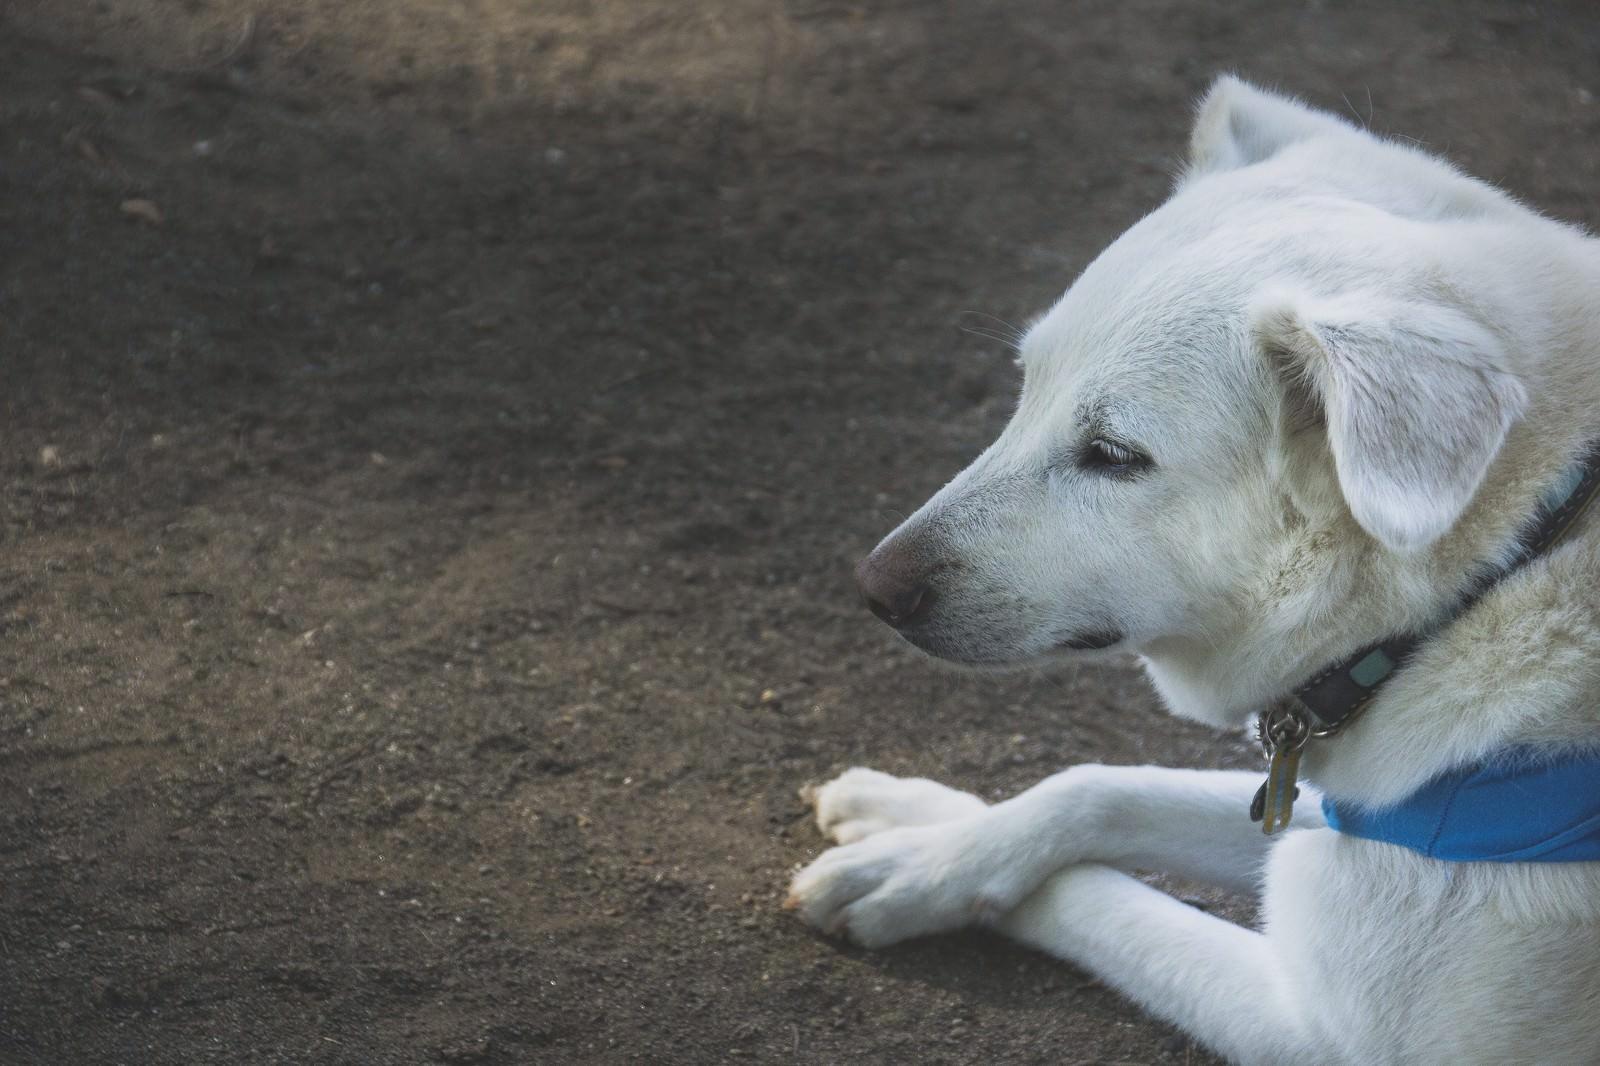 「パブロフを諦めた犬パブロフを諦めた犬」のフリー写真素材を拡大